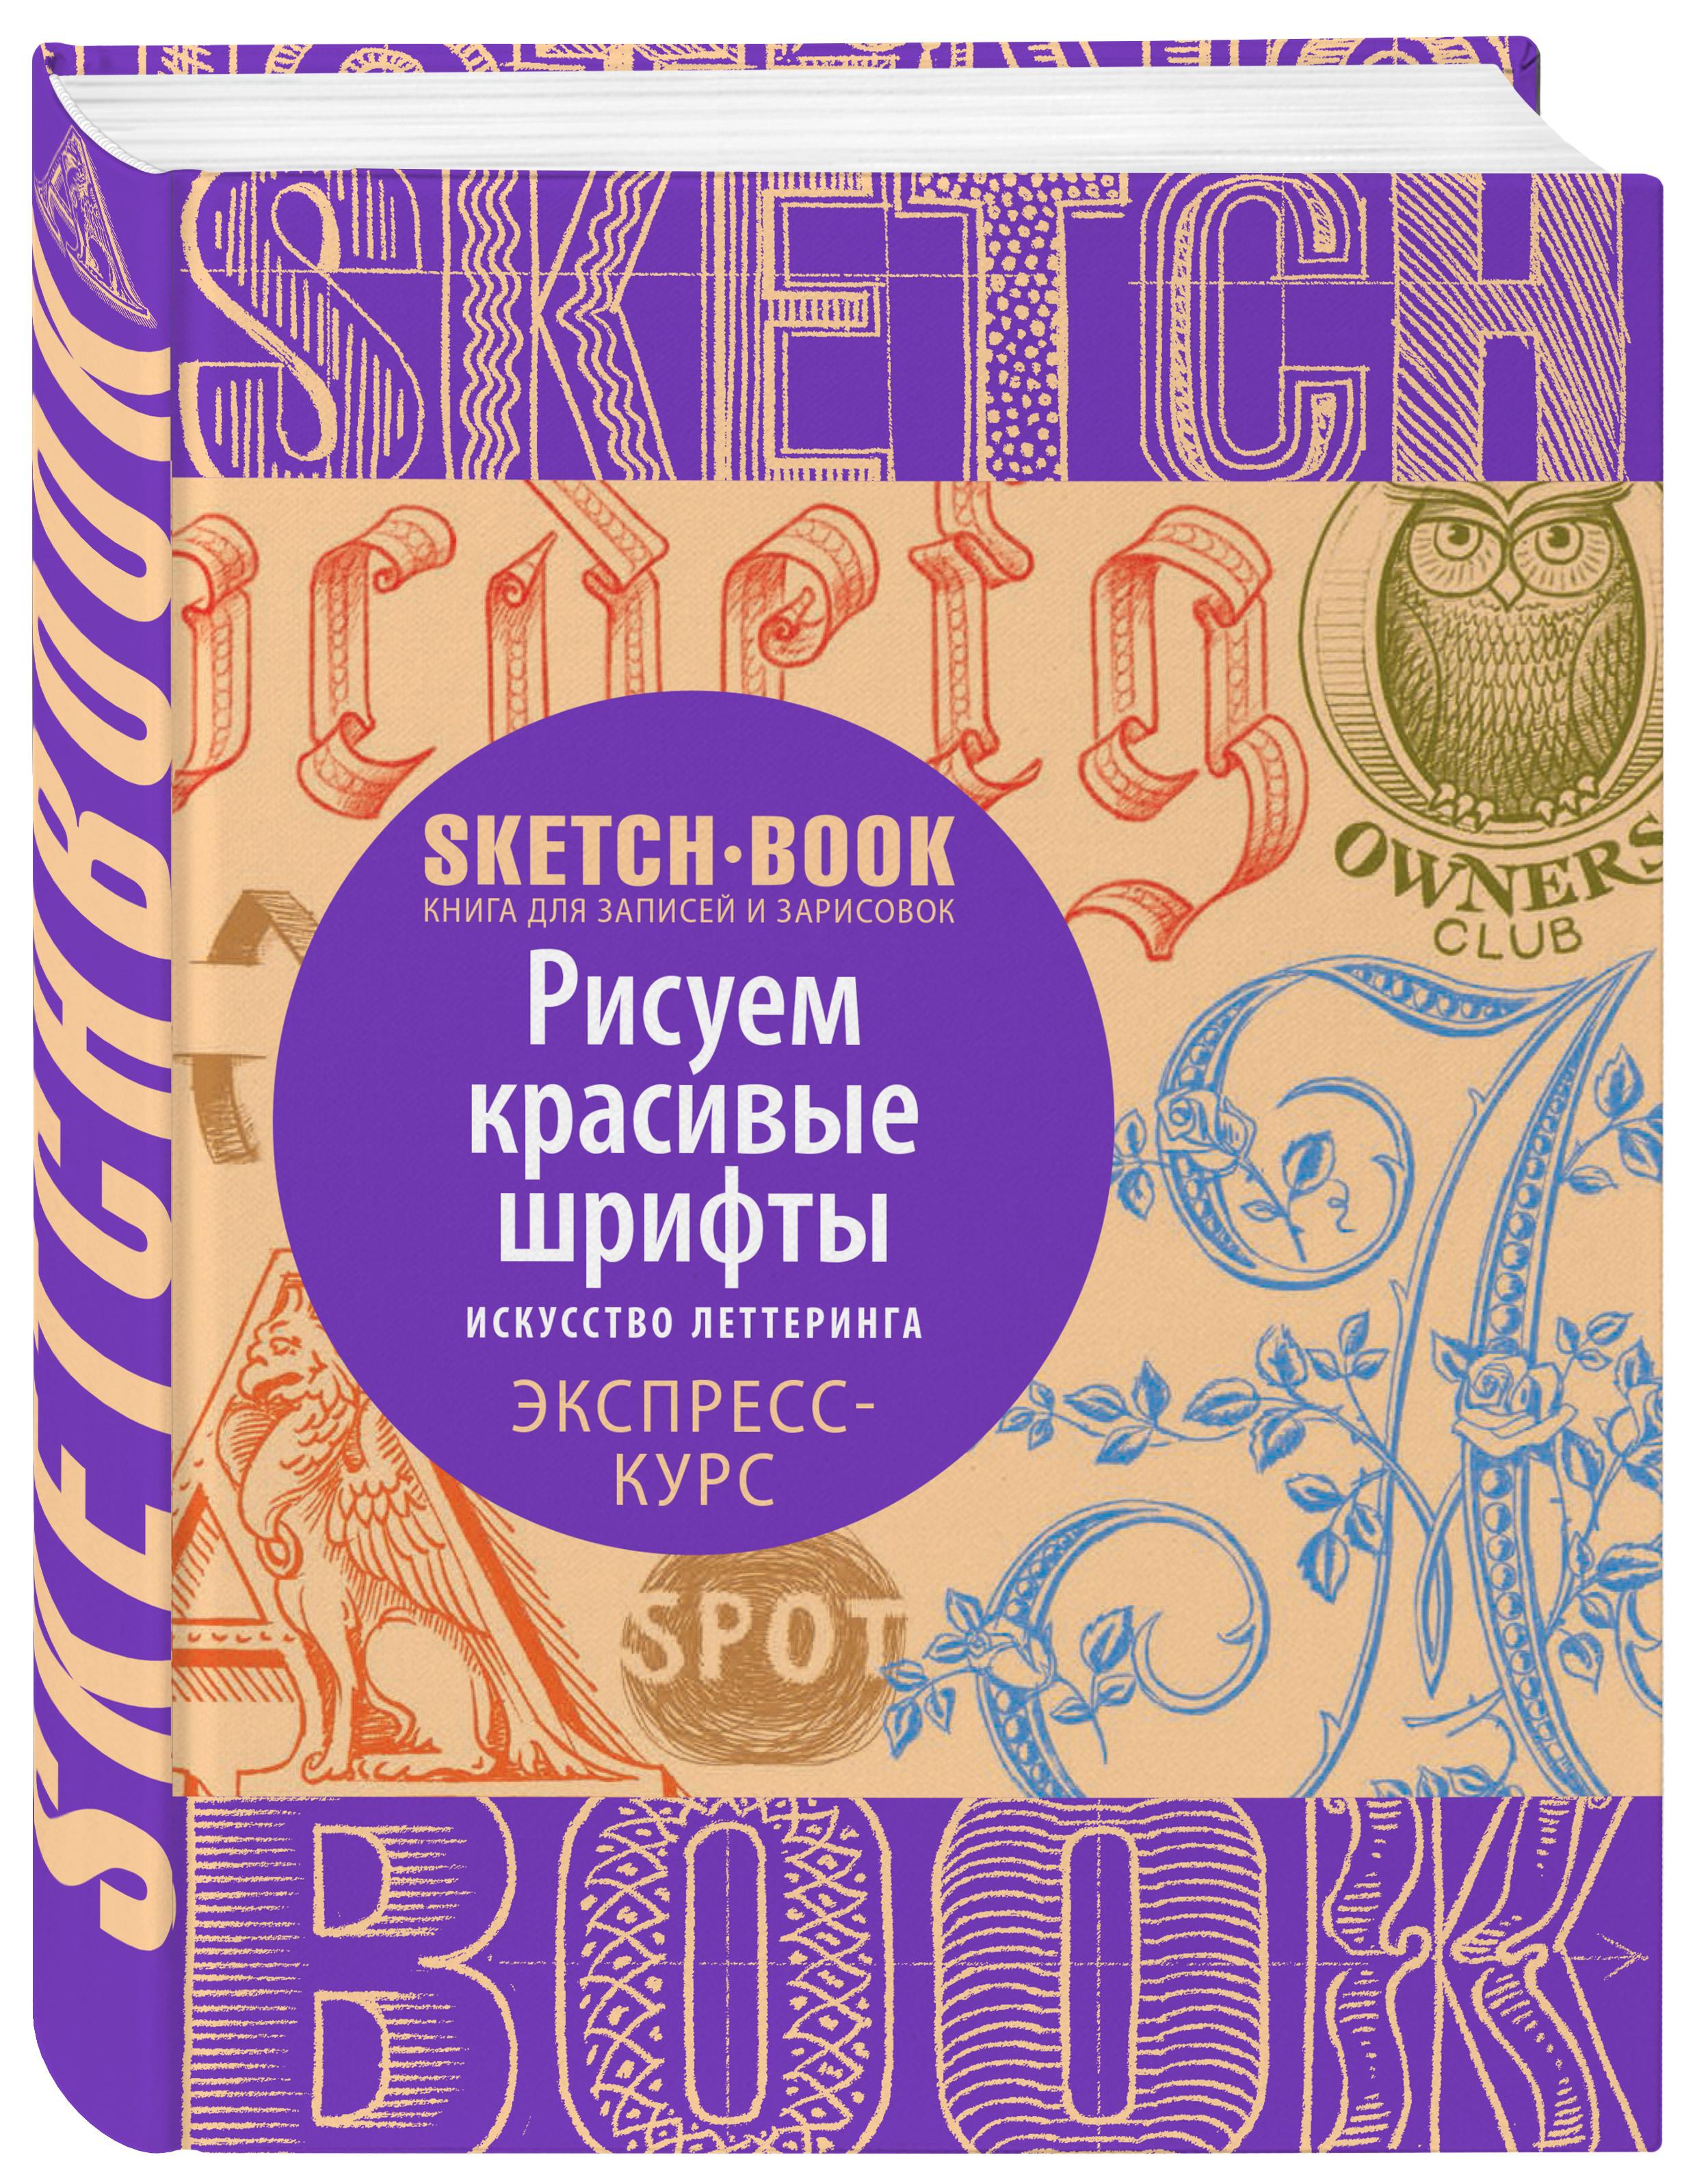 Sketchbook. Рисуем красивые шрифты. Искусство леттеринга. Экспресс-курс записные книжки эксмо sketchbook рисуем море экспресс курс